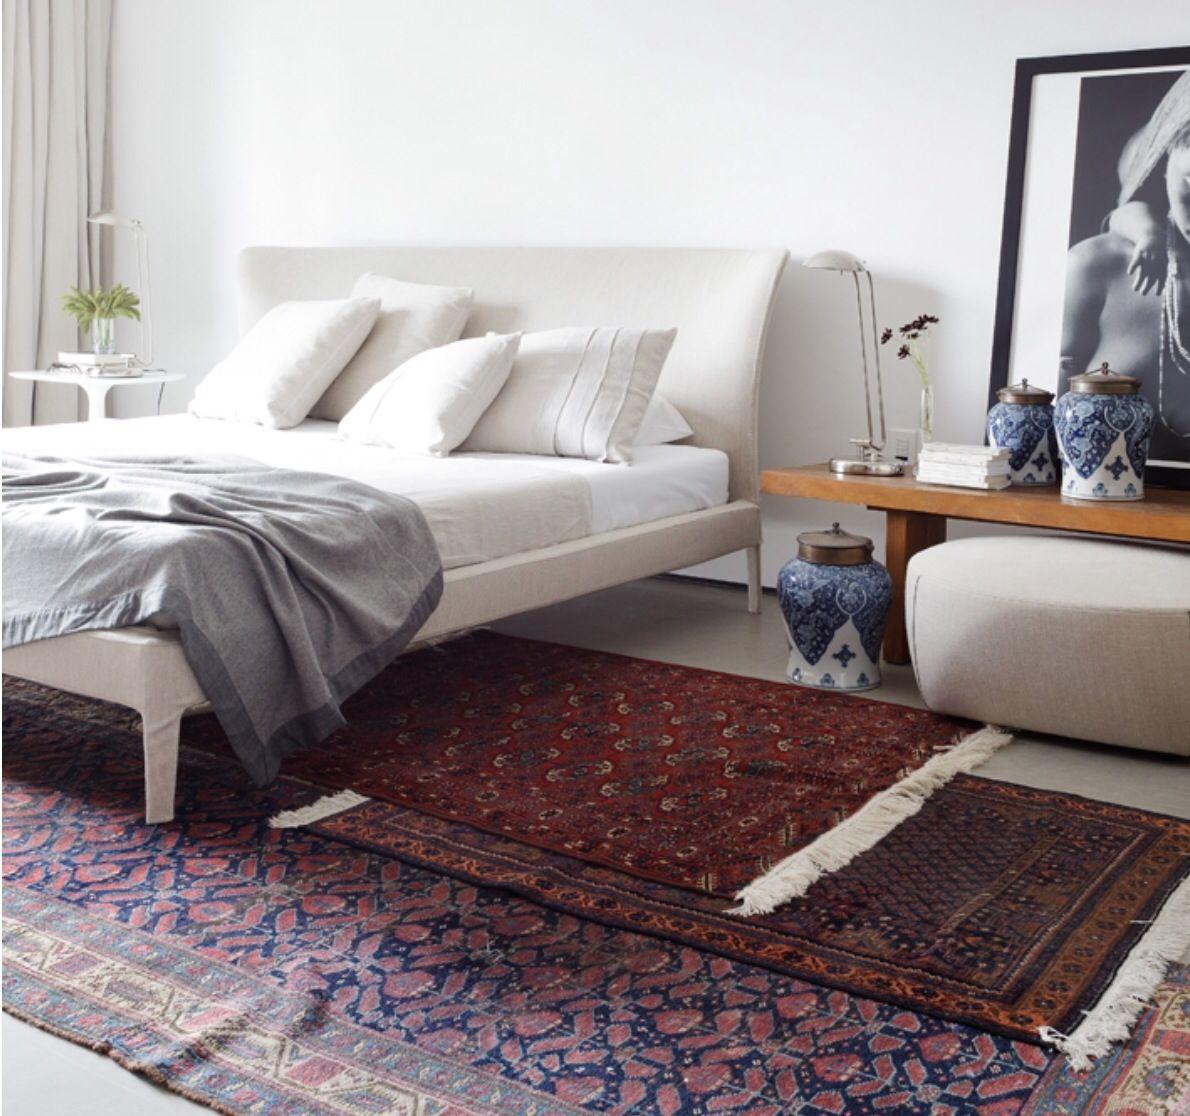 Meerdere perzische tapijten?